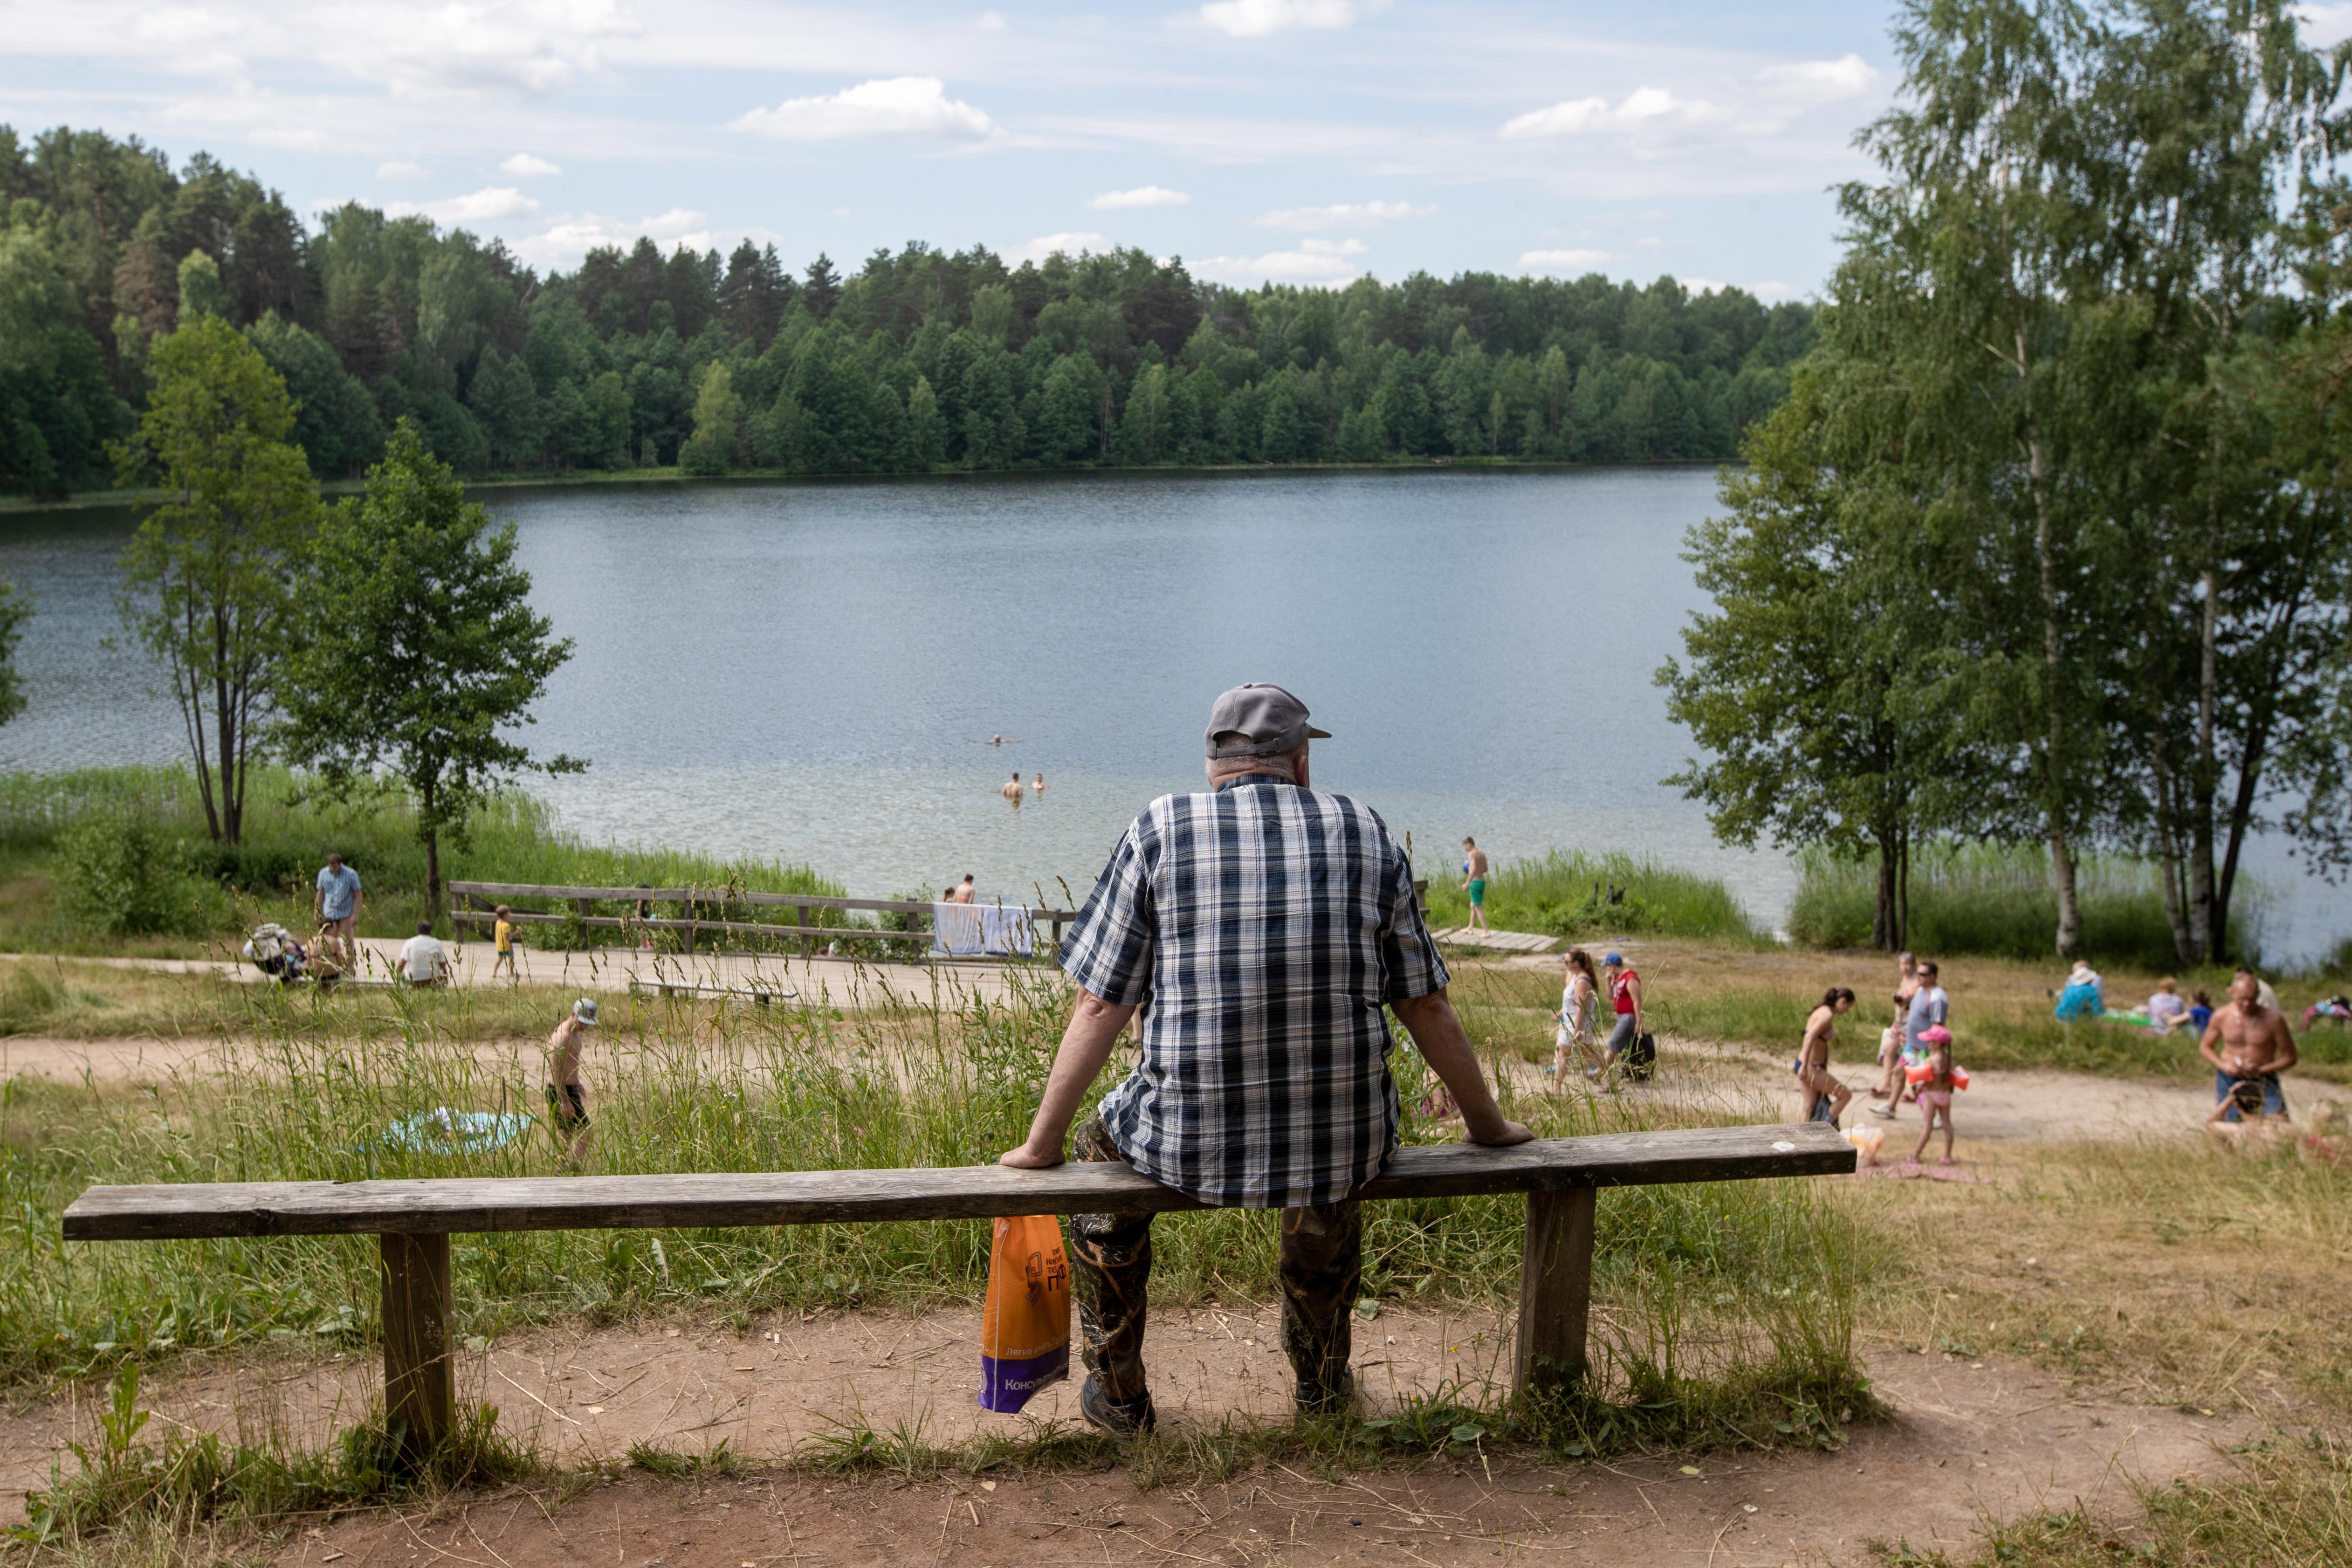 Патриаршие пруды и озеро Светлояр. Названы десять самых загадочных мест России